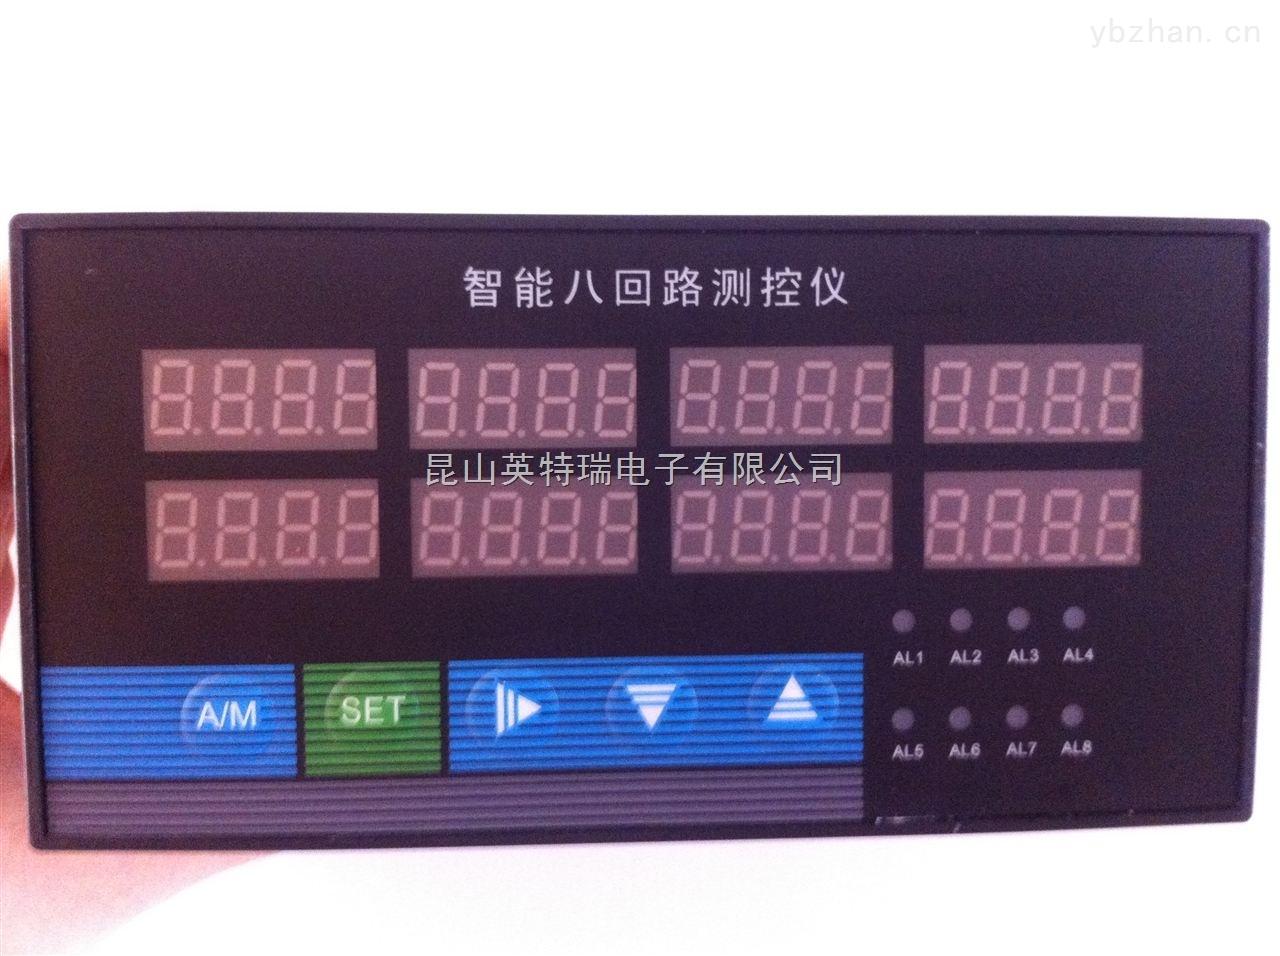 一、智能温度数字显示控制仪主要技术参数 输入信号 电阻各种规格热电阻(见规格篇),如Pt100、Cu100、 Cu50等或远传压力电阻 电偶各种规格热电偶(见规格篇),如B、S、K、E、J、 T、WRe等 电压0~5V、1~5V或mV等 电流0~10mA、4~20mA或0~20mA等 测量范围 -1999~9999字 测量精度 0.